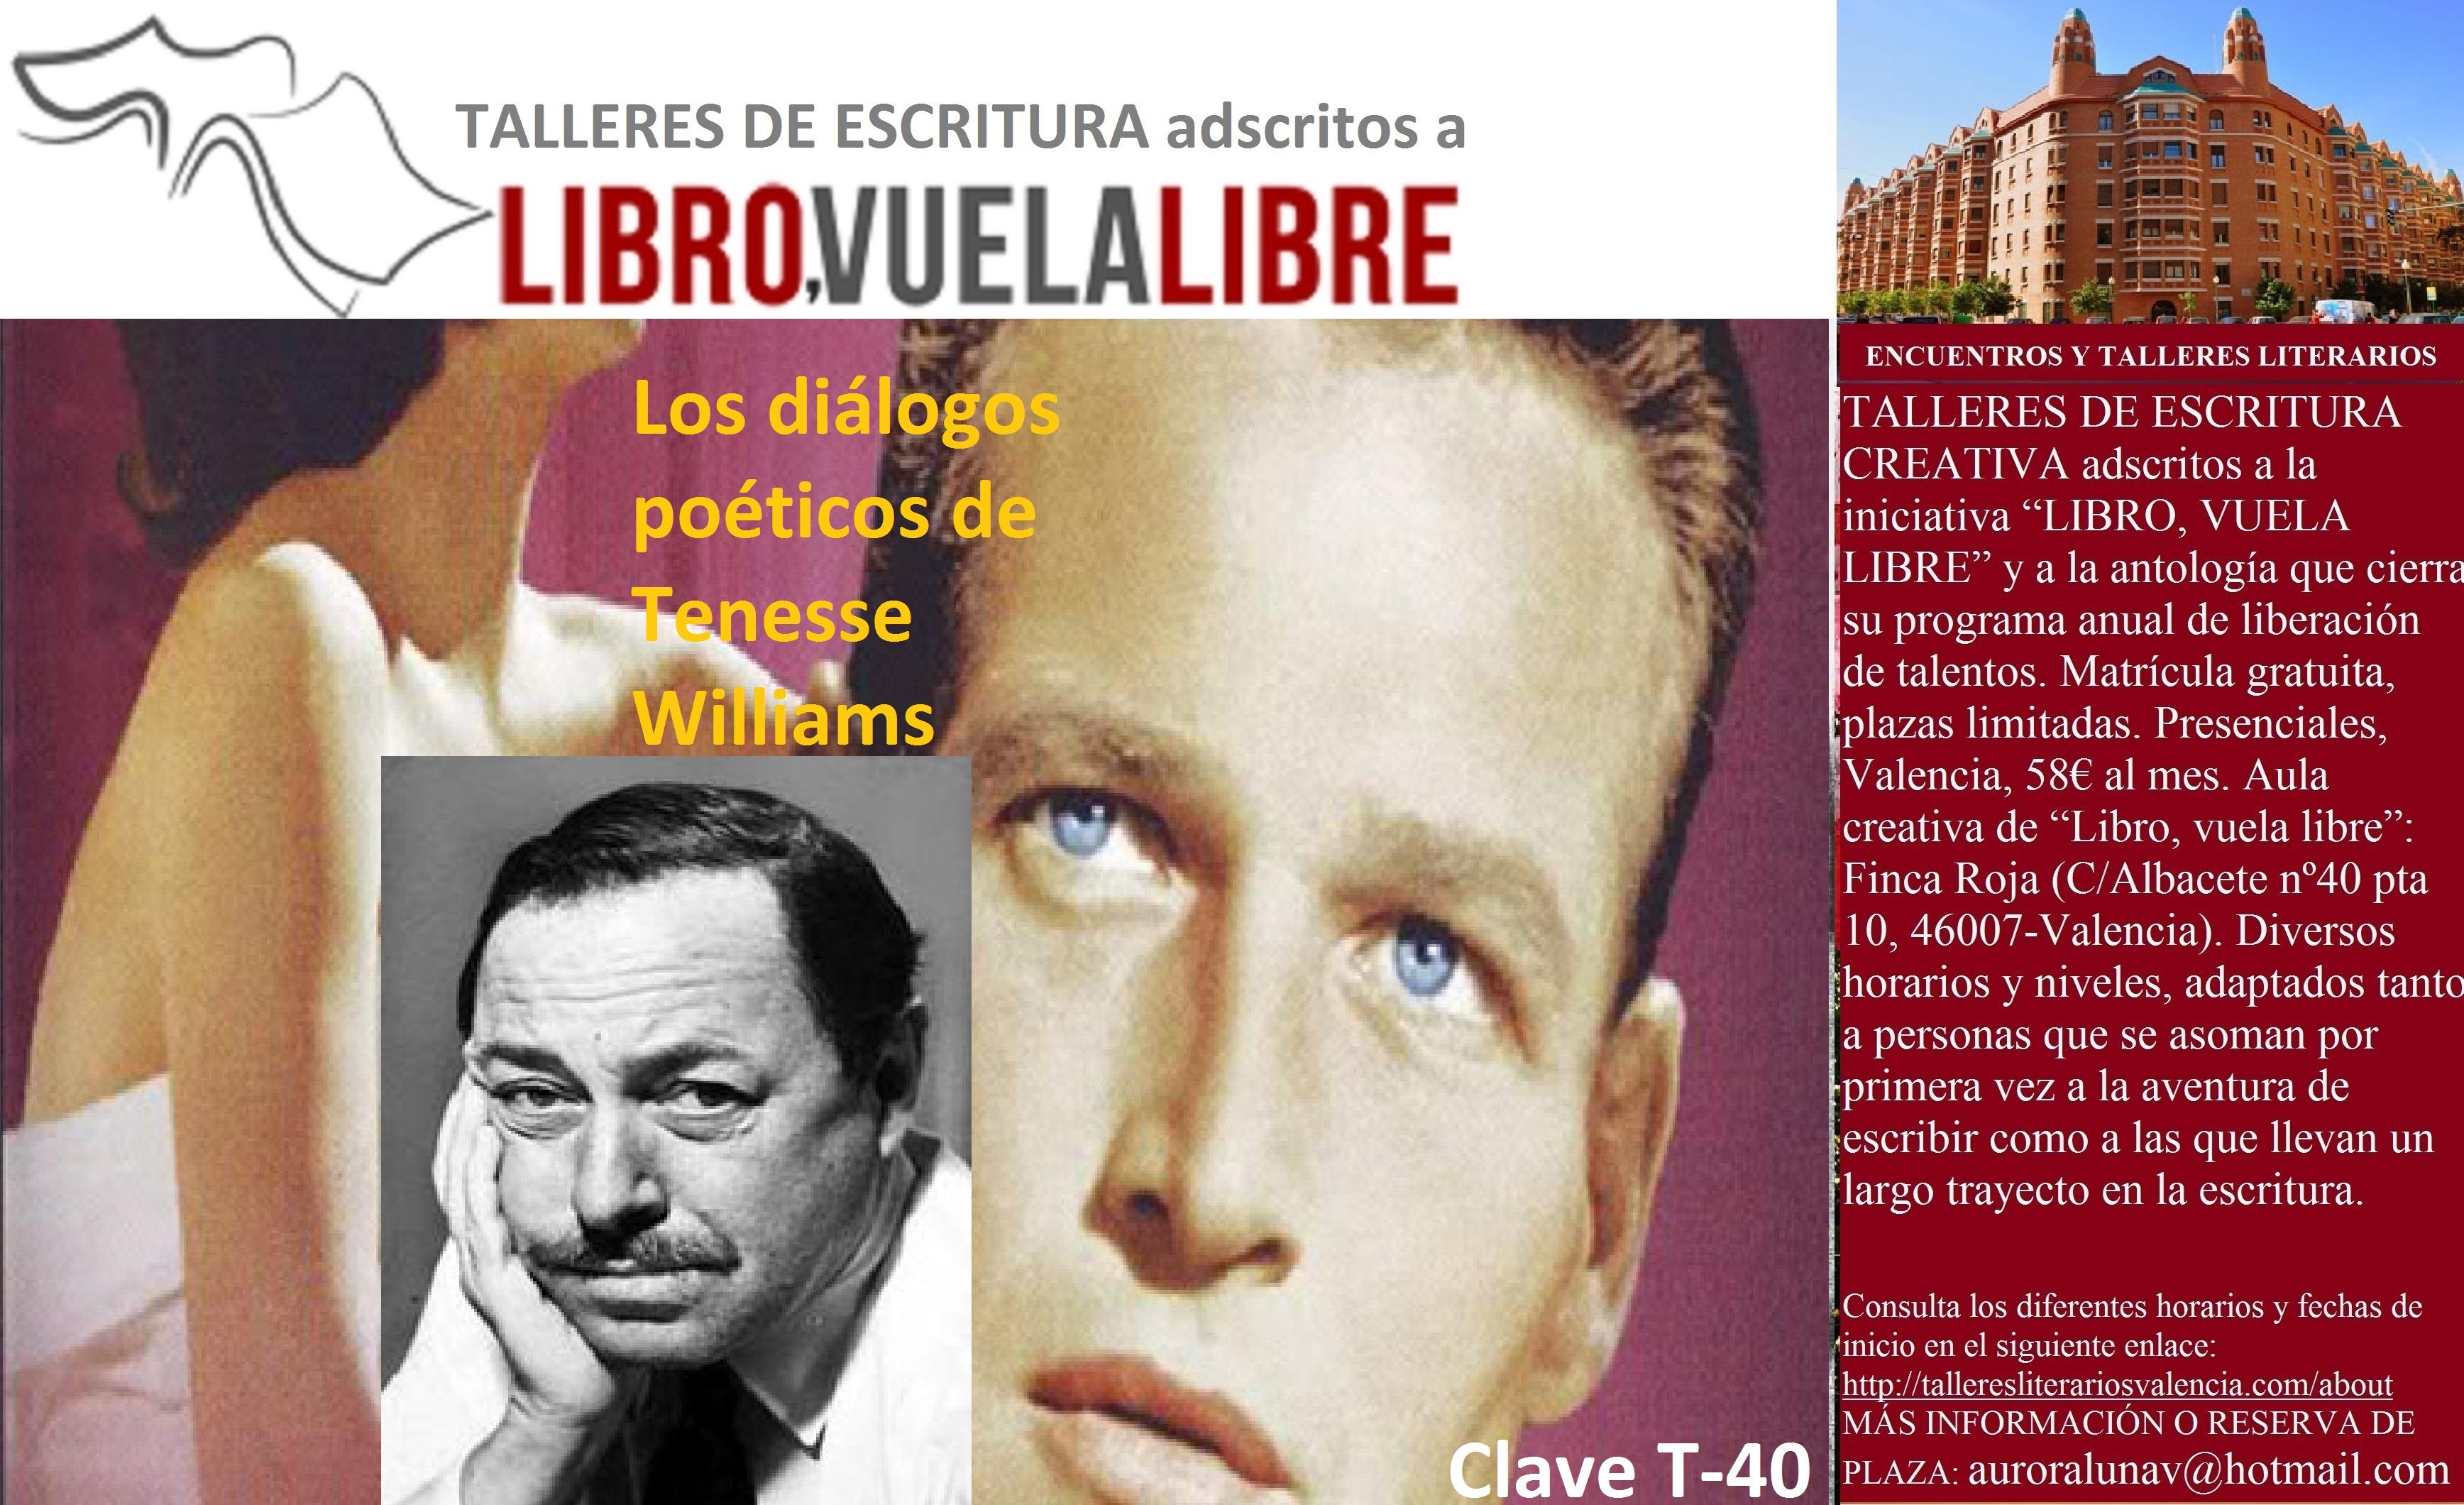 Los diálogos poéticos de Tenesse Williams. Cursos de escritura creativa en Valencia, clave T-40